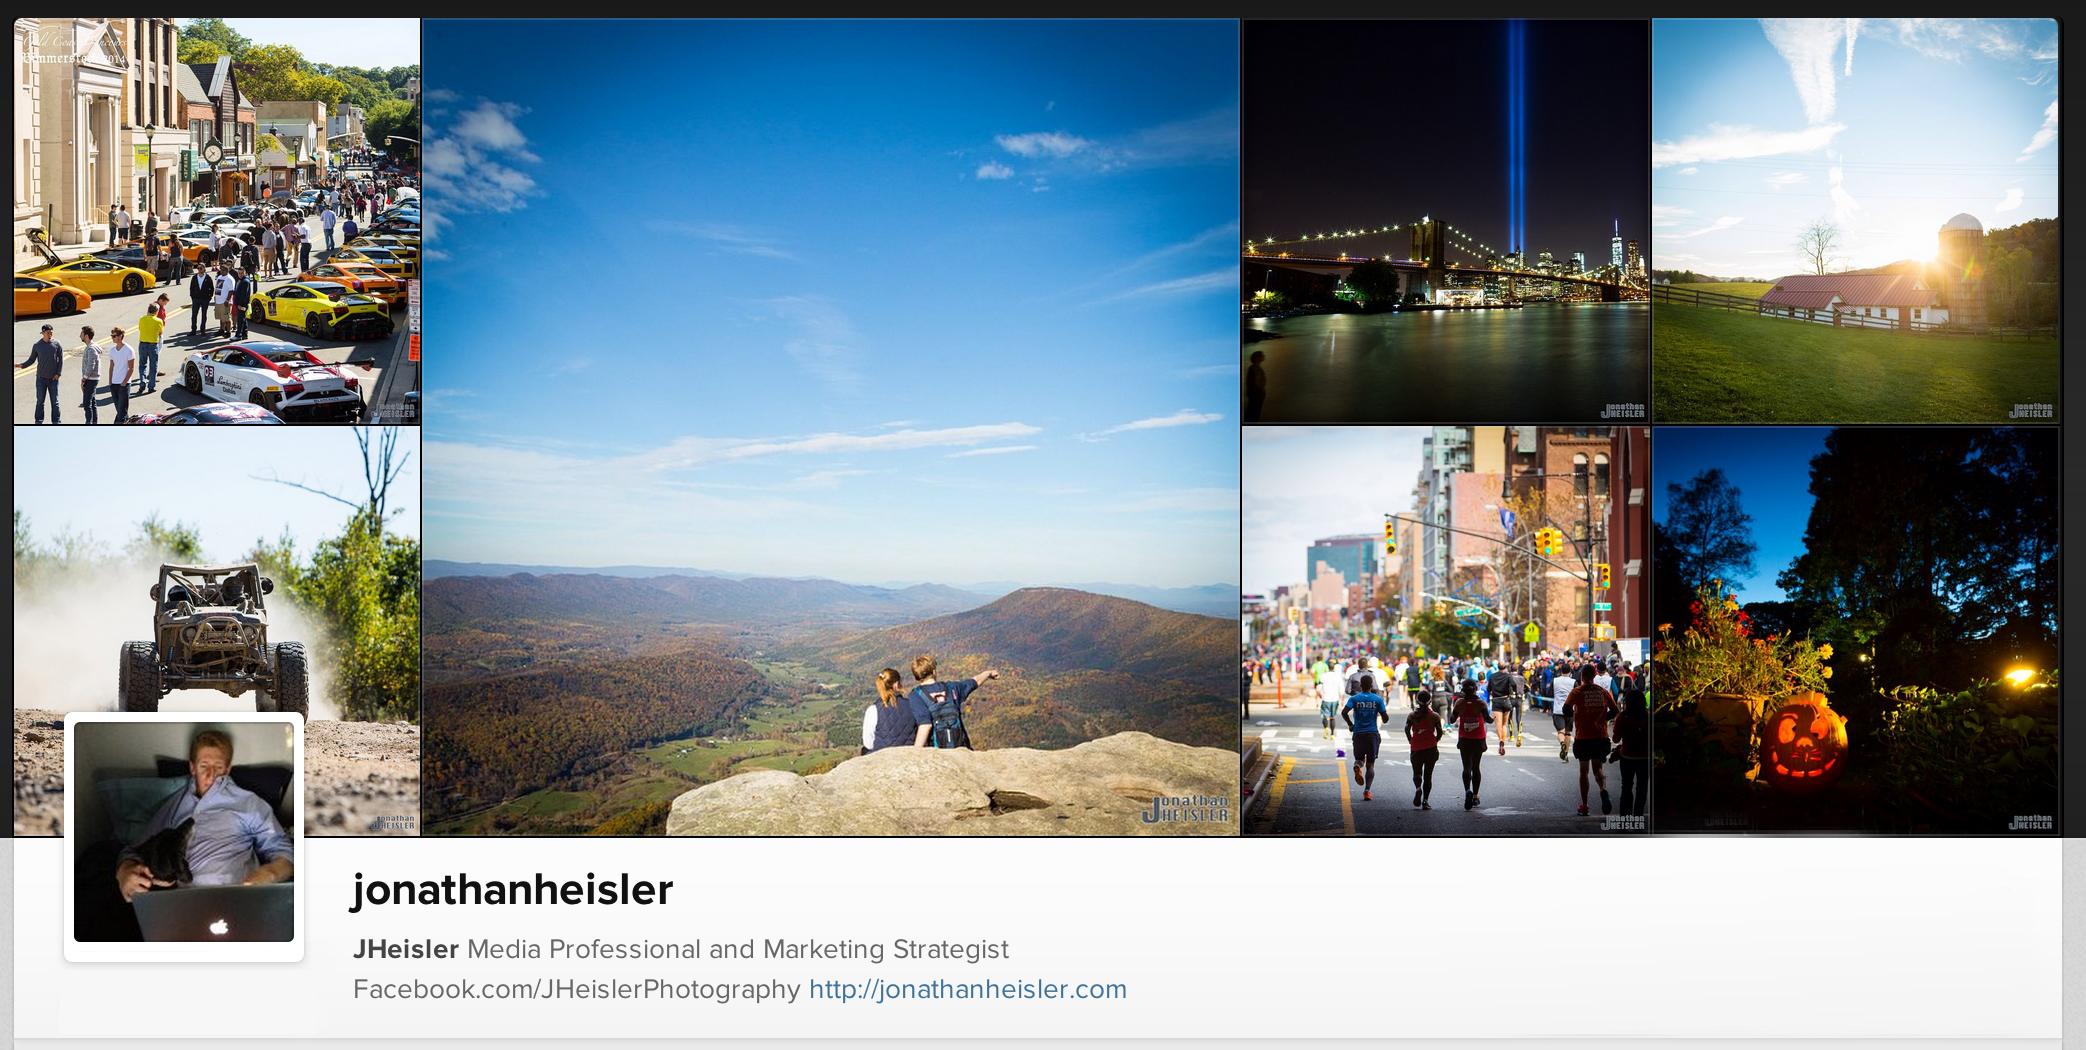 Jonathan Heisler Instagram